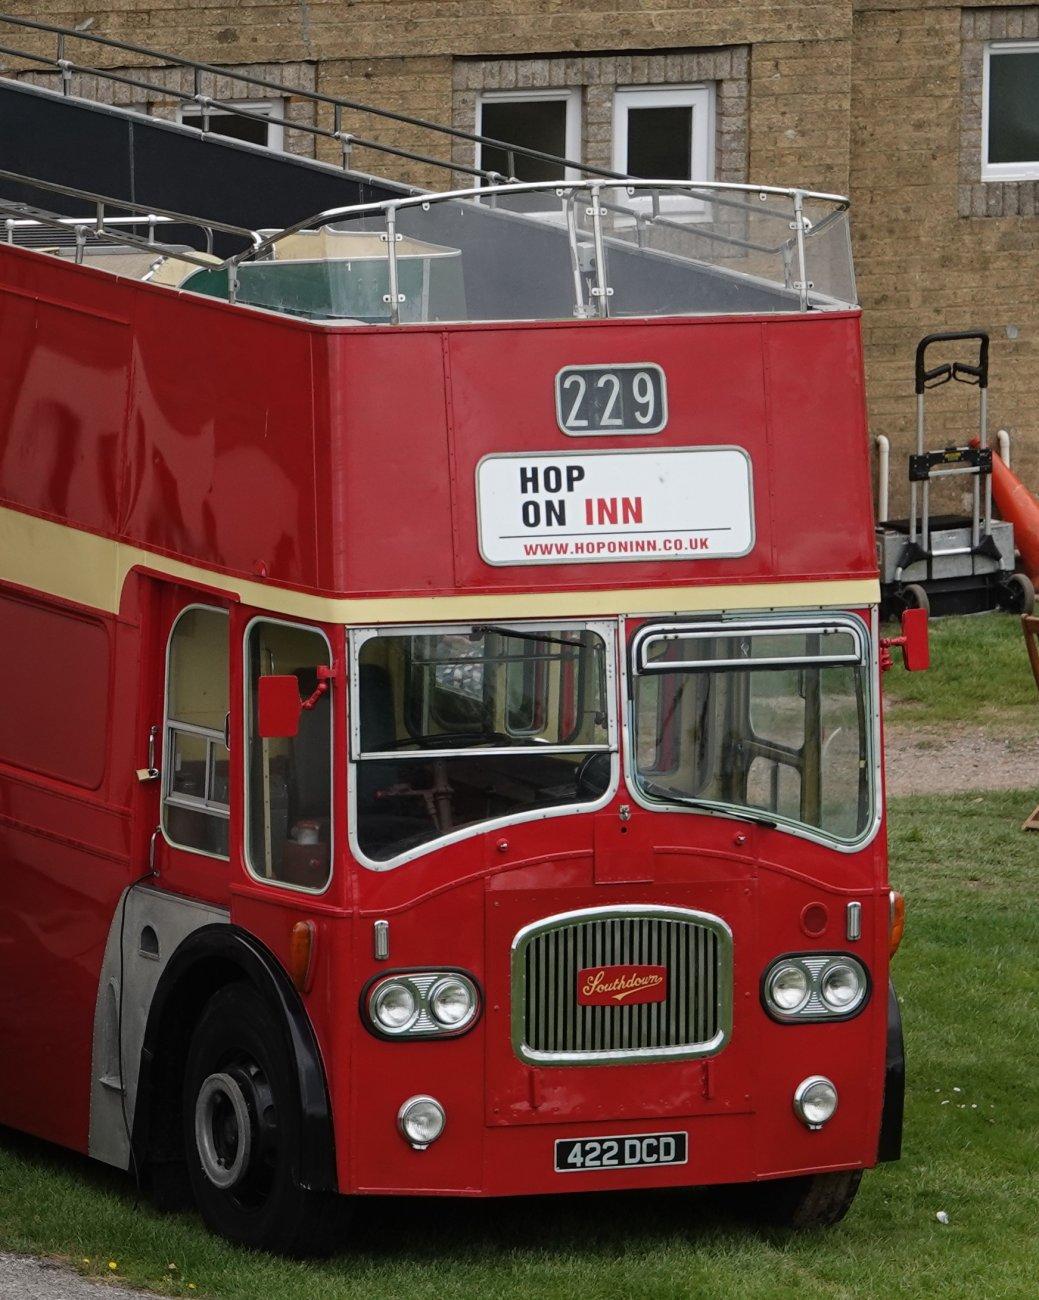 its a bar not a bus